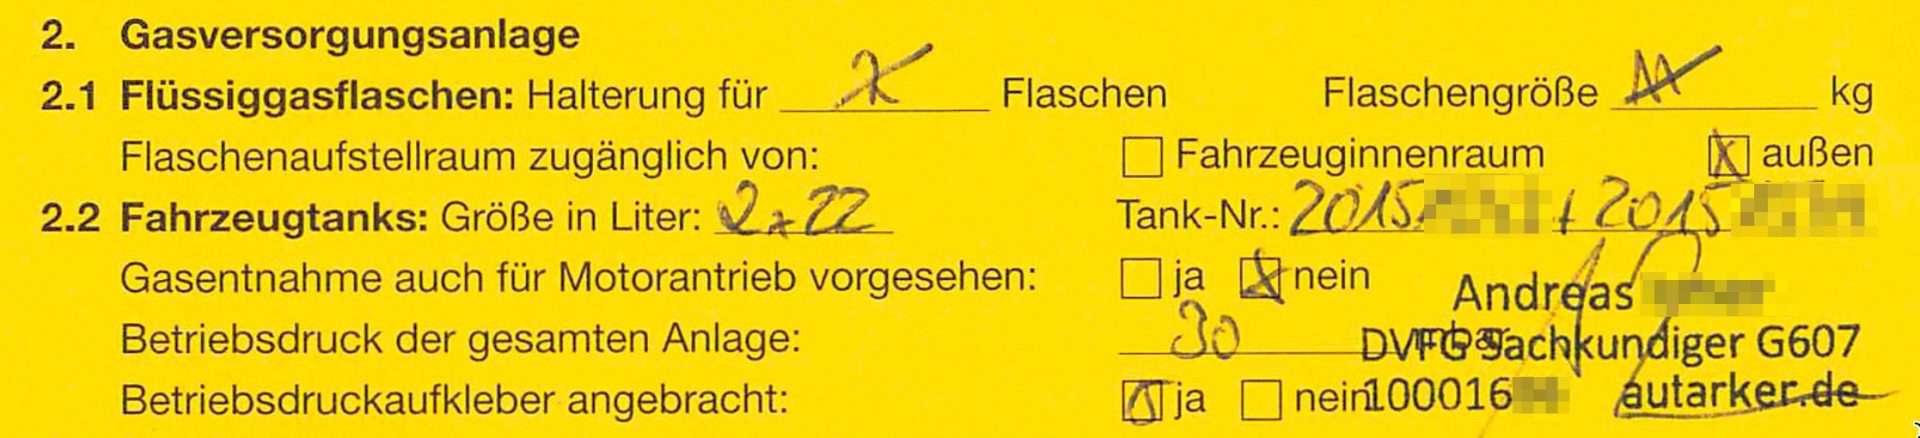 Gelbes-Heft-Prüfbescheinigung-Gastankflasche-DVFG-Sachkundiger-G607